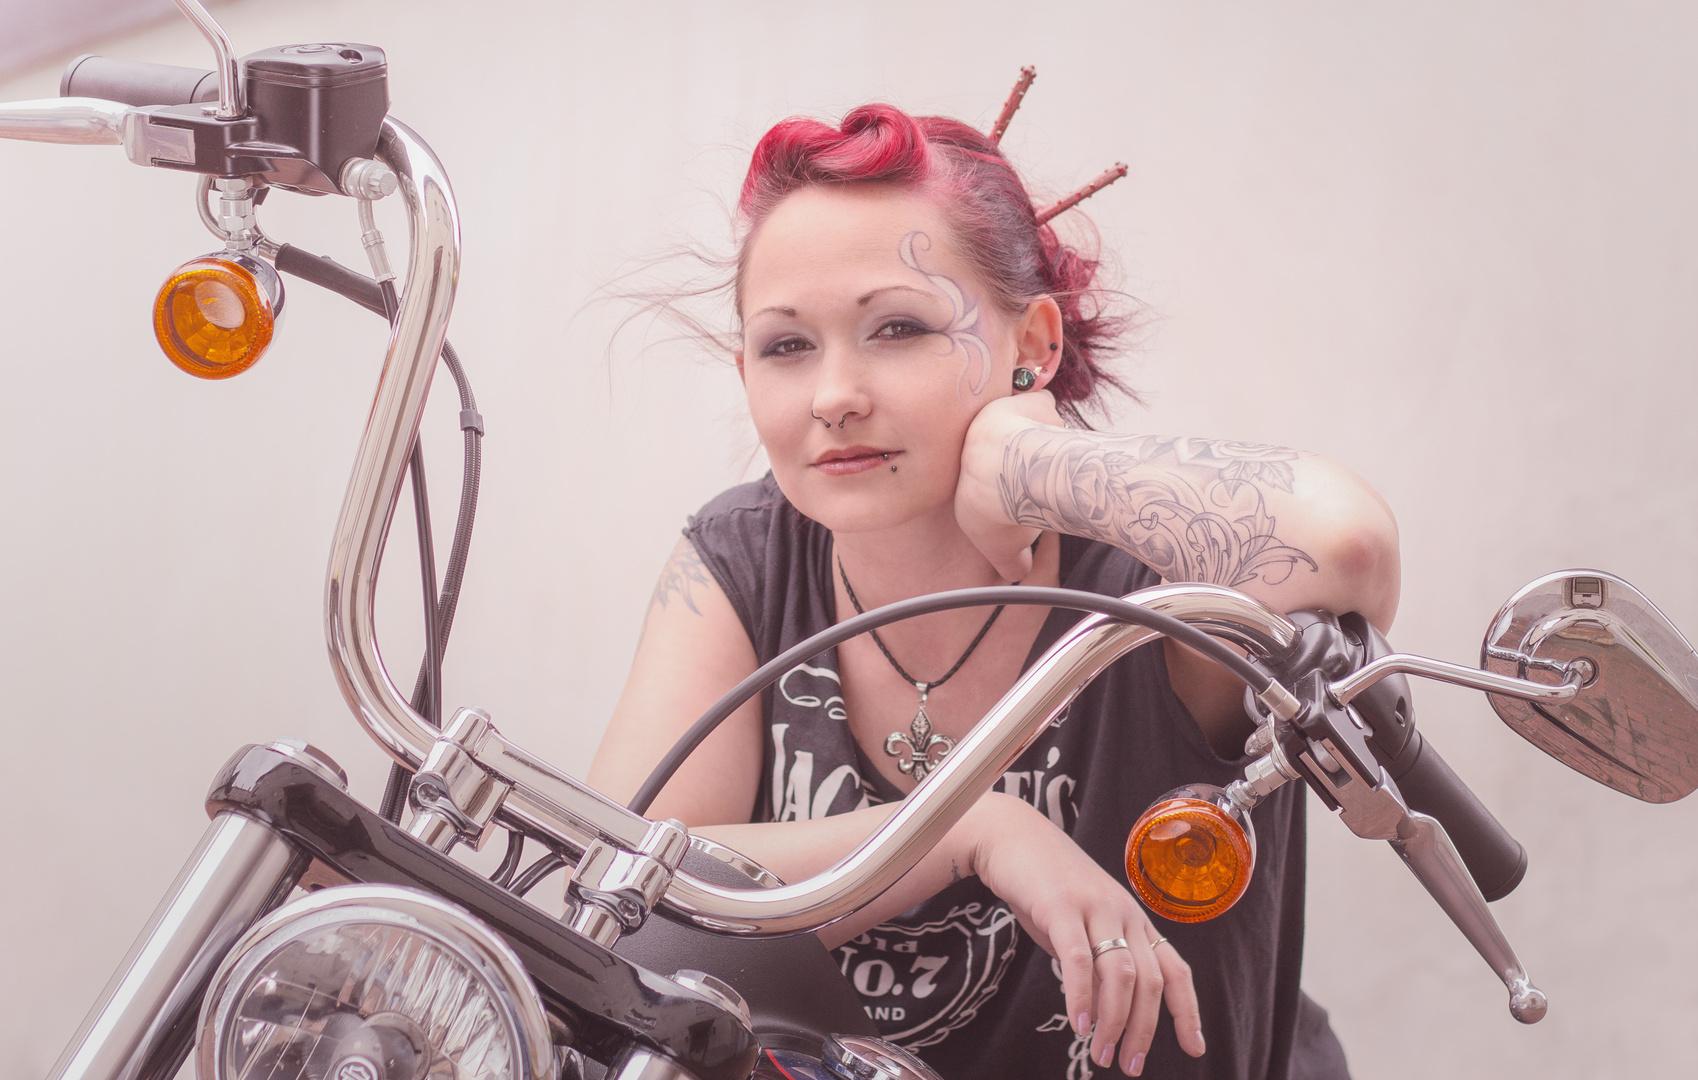 Tattoos & Bikes